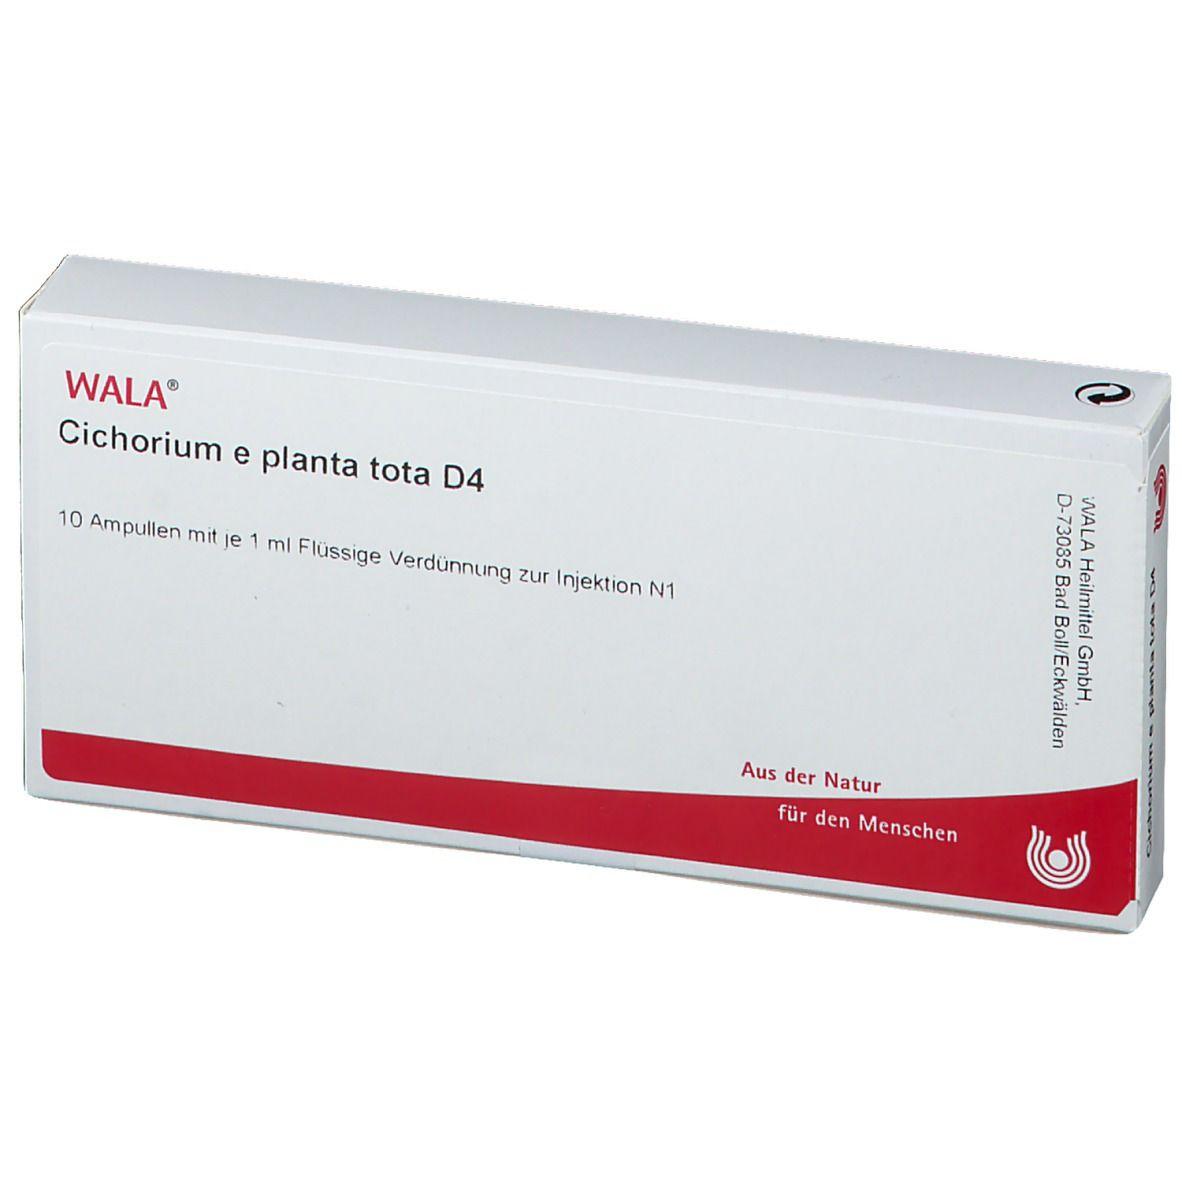 WALA® Cichorium e planta tota D 4